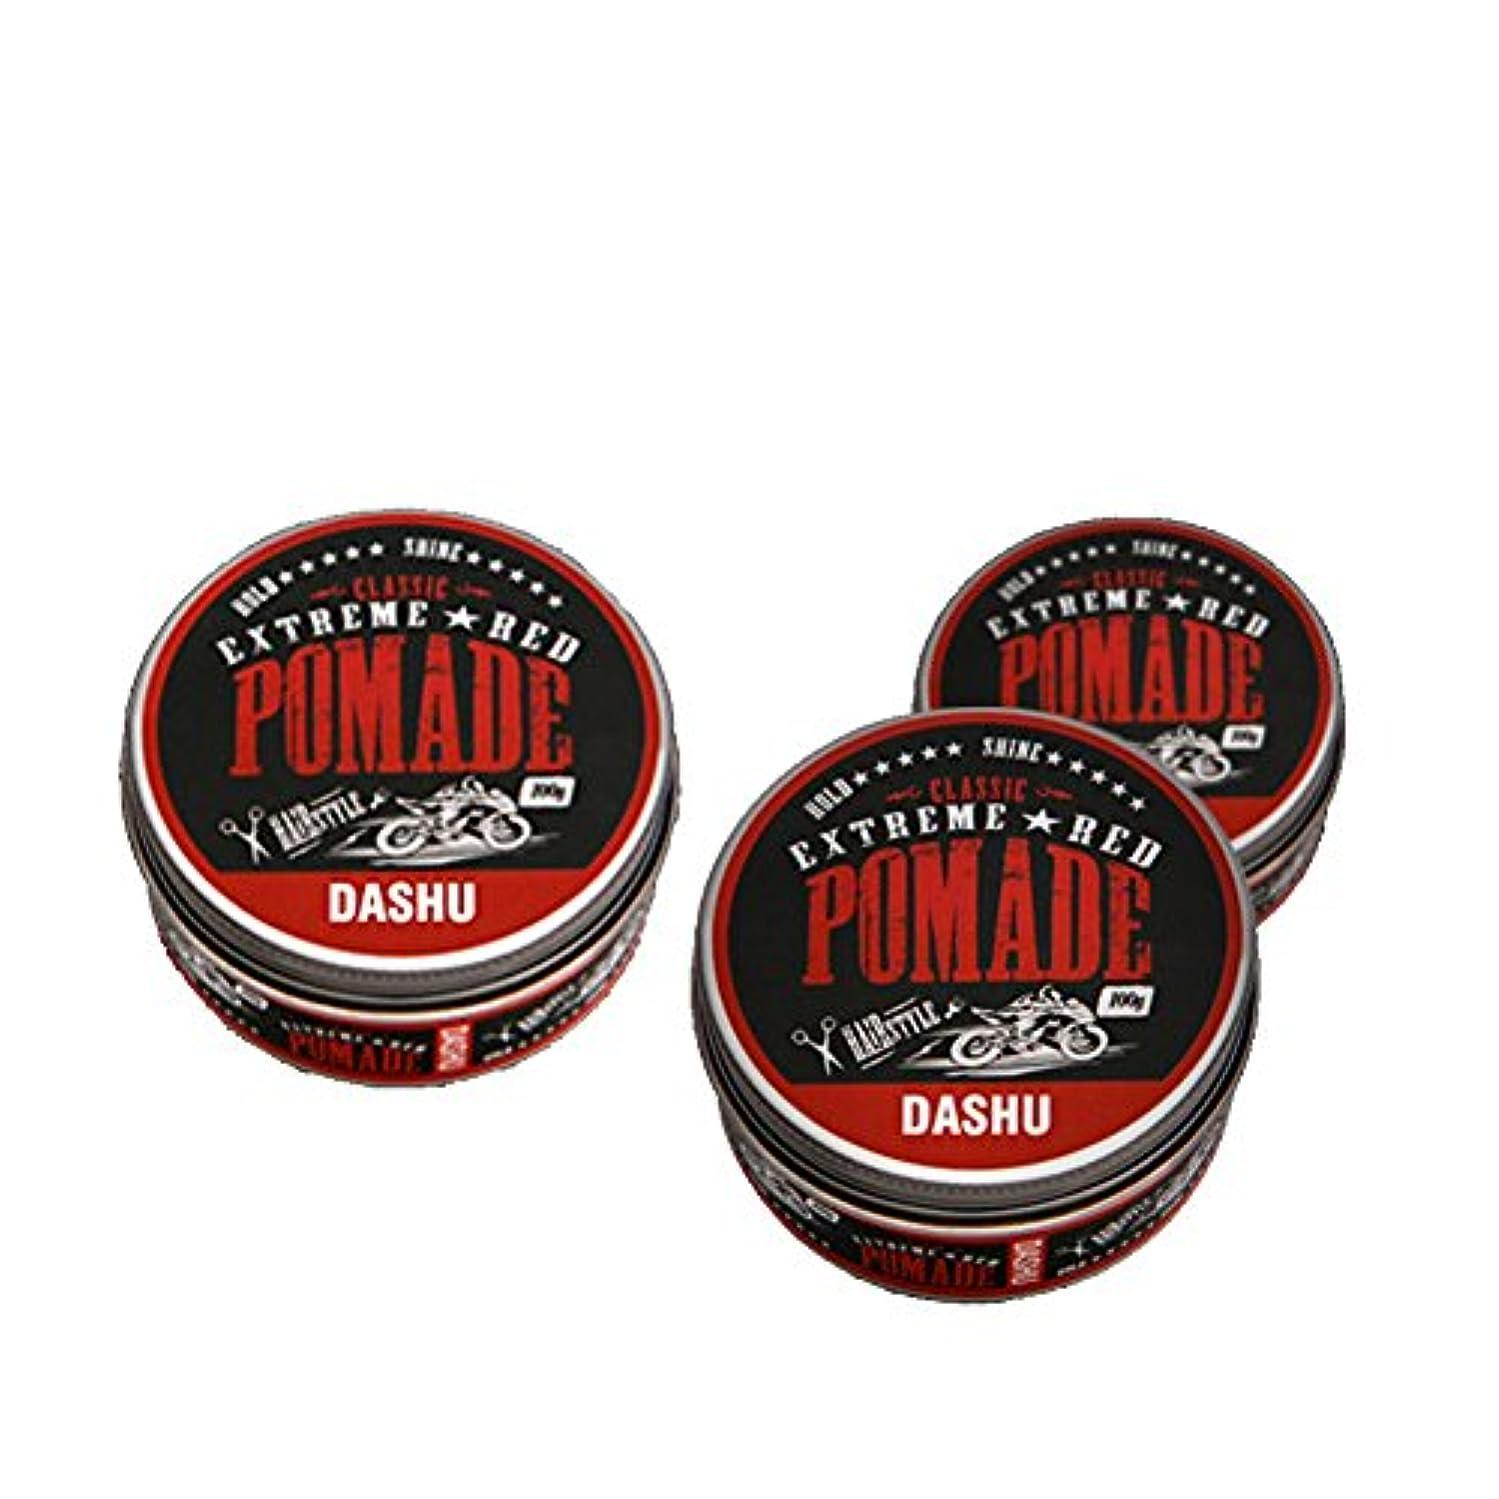 ジャングル遠え哀れな(3個セット) x [DASHU] ダシュ クラシックエクストリームレッドポマード Classic Extreme Red Pomade Hair Wax 100ml / 韓国製 . 韓国直送品